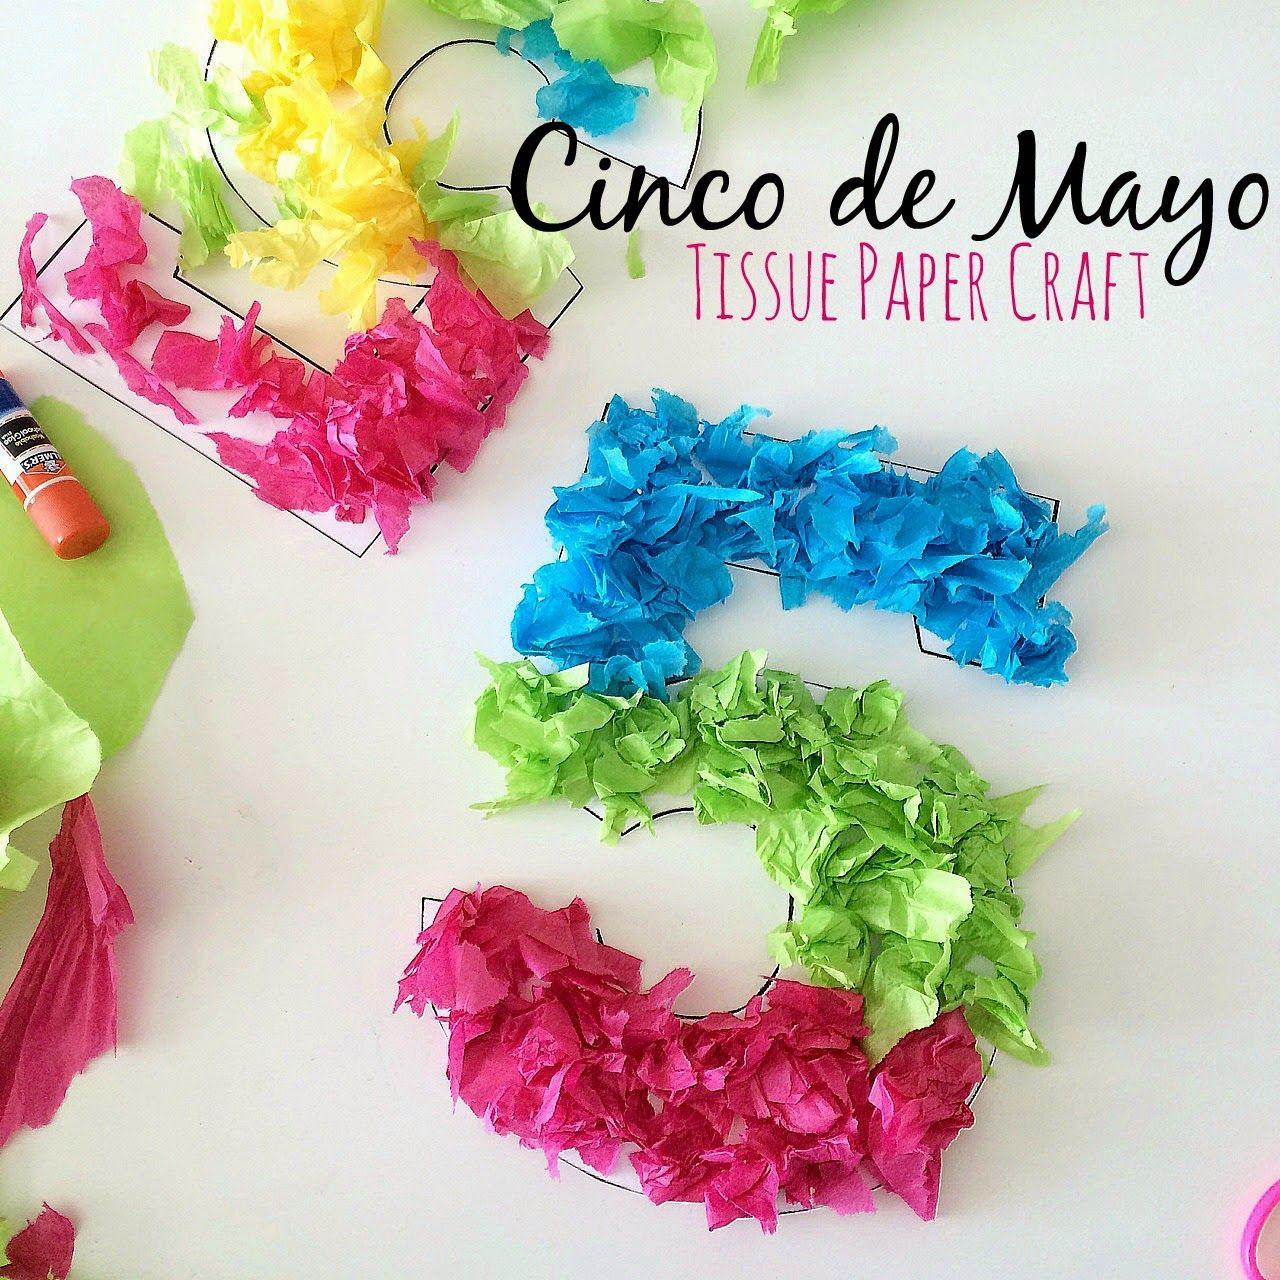 Cinco de mayo tissue paper craft simple cute and fun way to craft cinco de mayo tissue paper craft simple cute and fun way to craft mightylinksfo